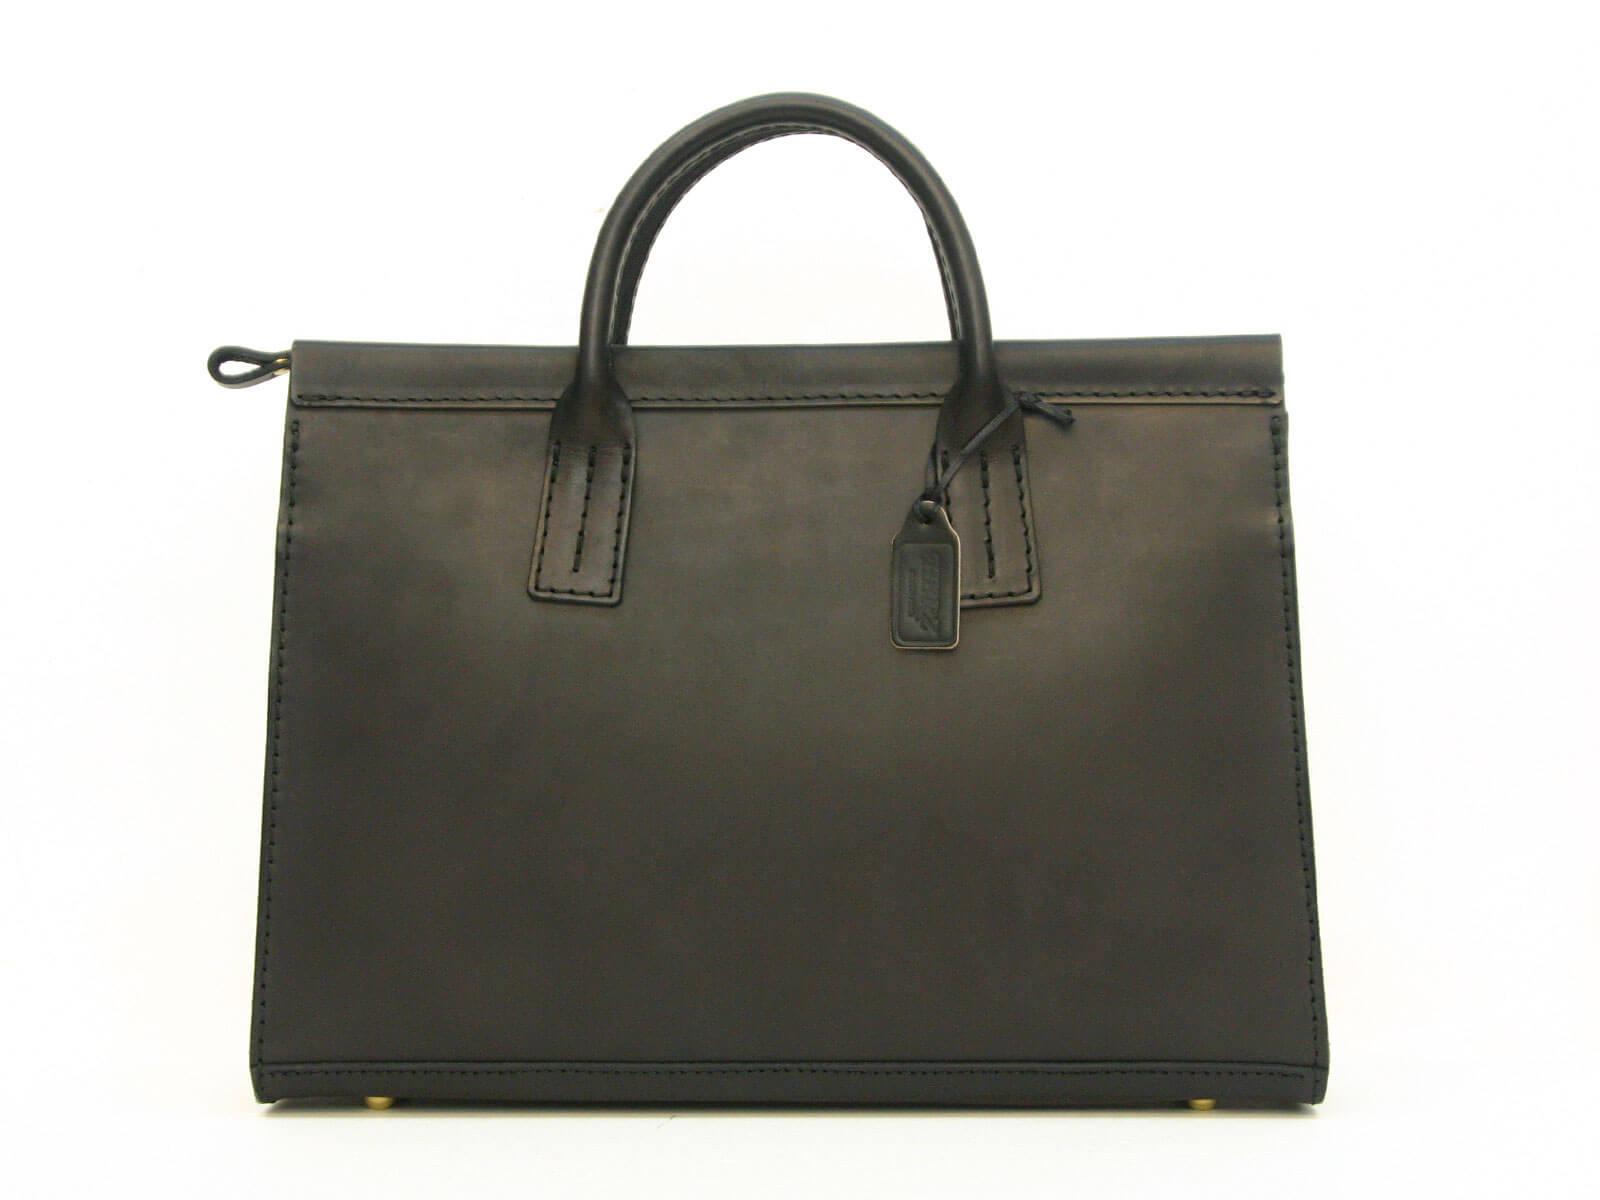 連続ドラマ『石つぶて ~外務省機密費を暴いた捜査二課の男たち~』にビジネスバッグが使用されています